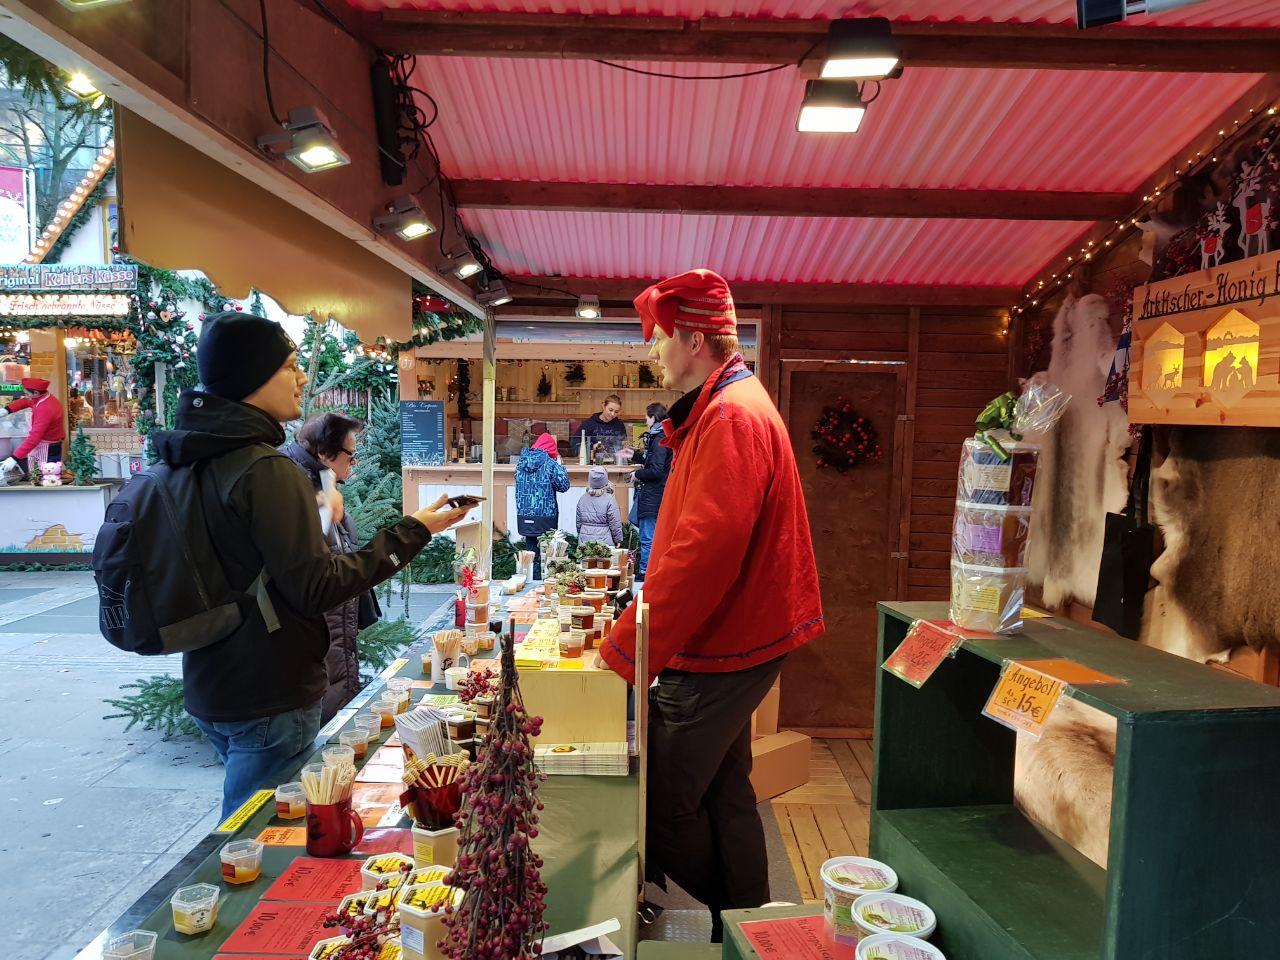 Arktischer-Honig Finnland auf dem Weihnachtsmarkt Fulda